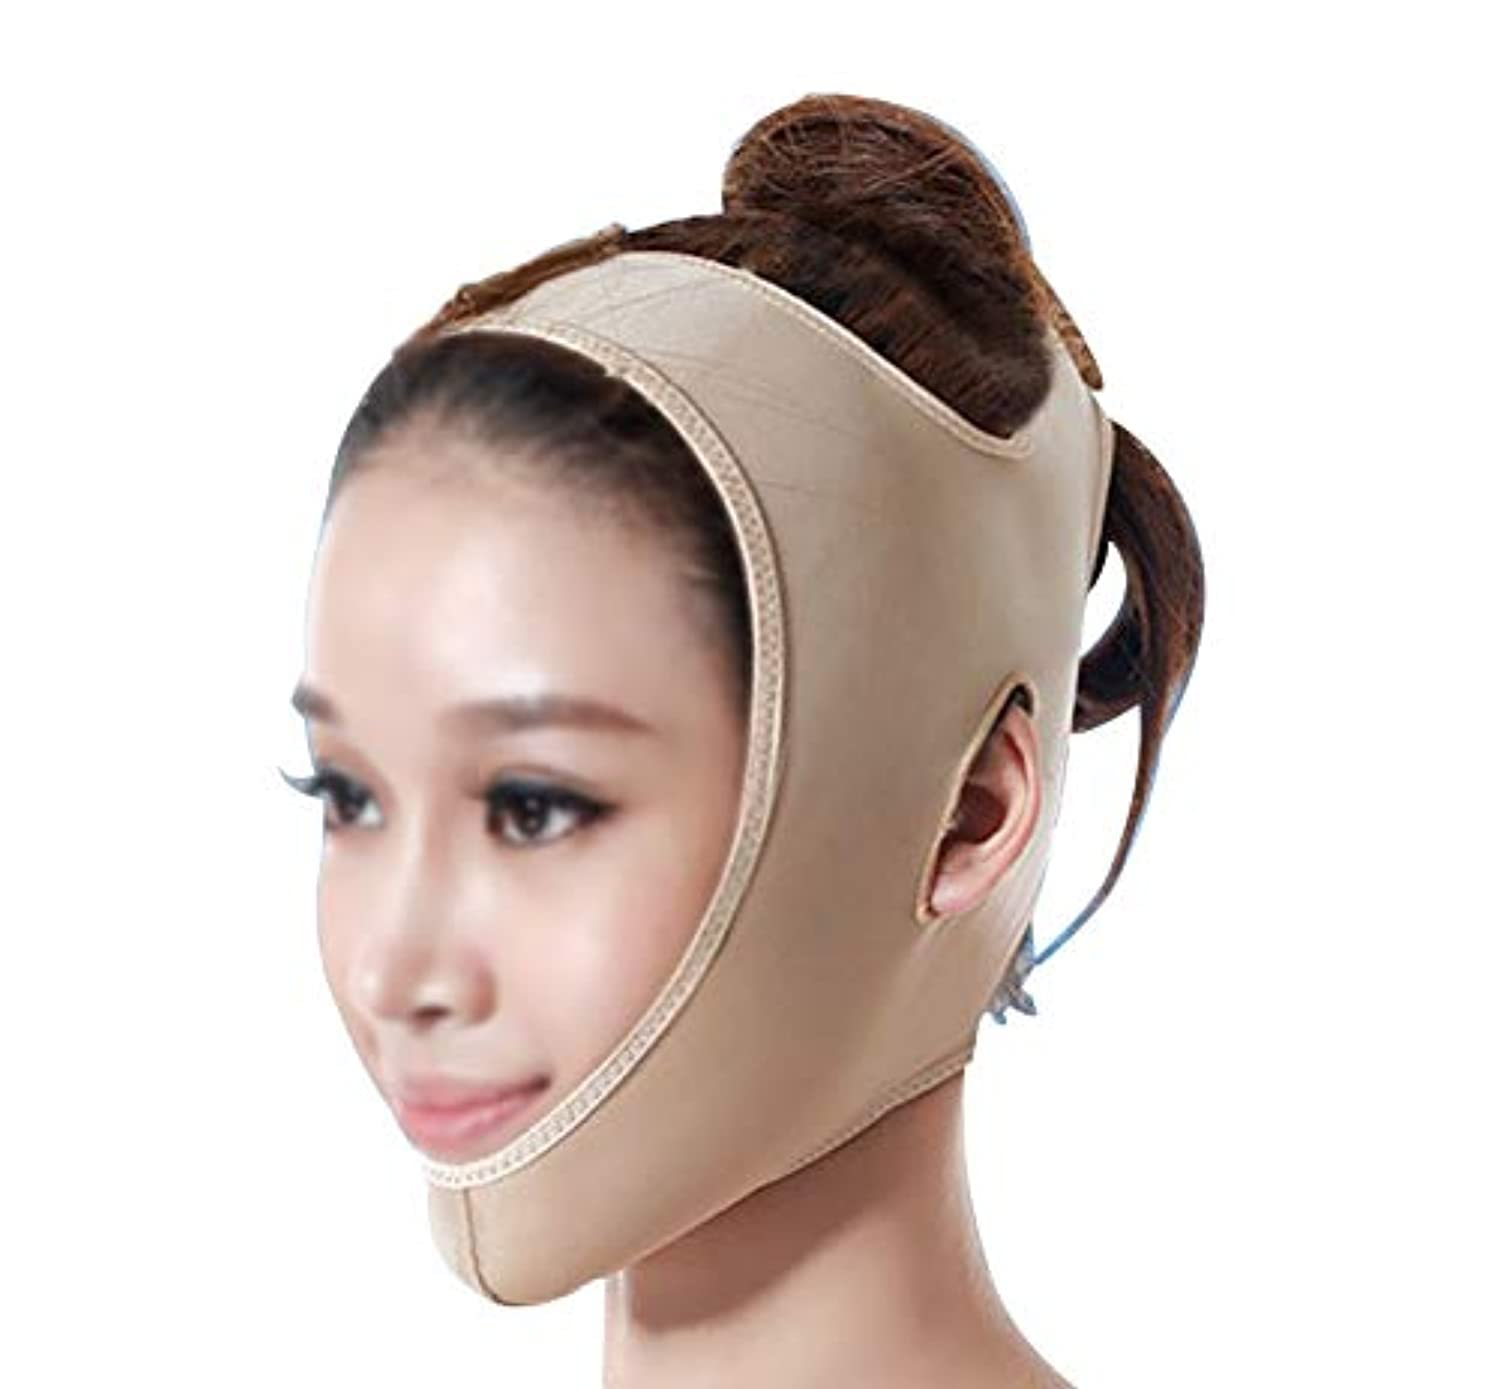 スペルマーカー請負業者TLMY 引き締めマスクマスク美容薬マスク美容V顔包帯ライン彫刻引き締めしっかりダブルチンマスク 顔用整形マスク (Size : M)